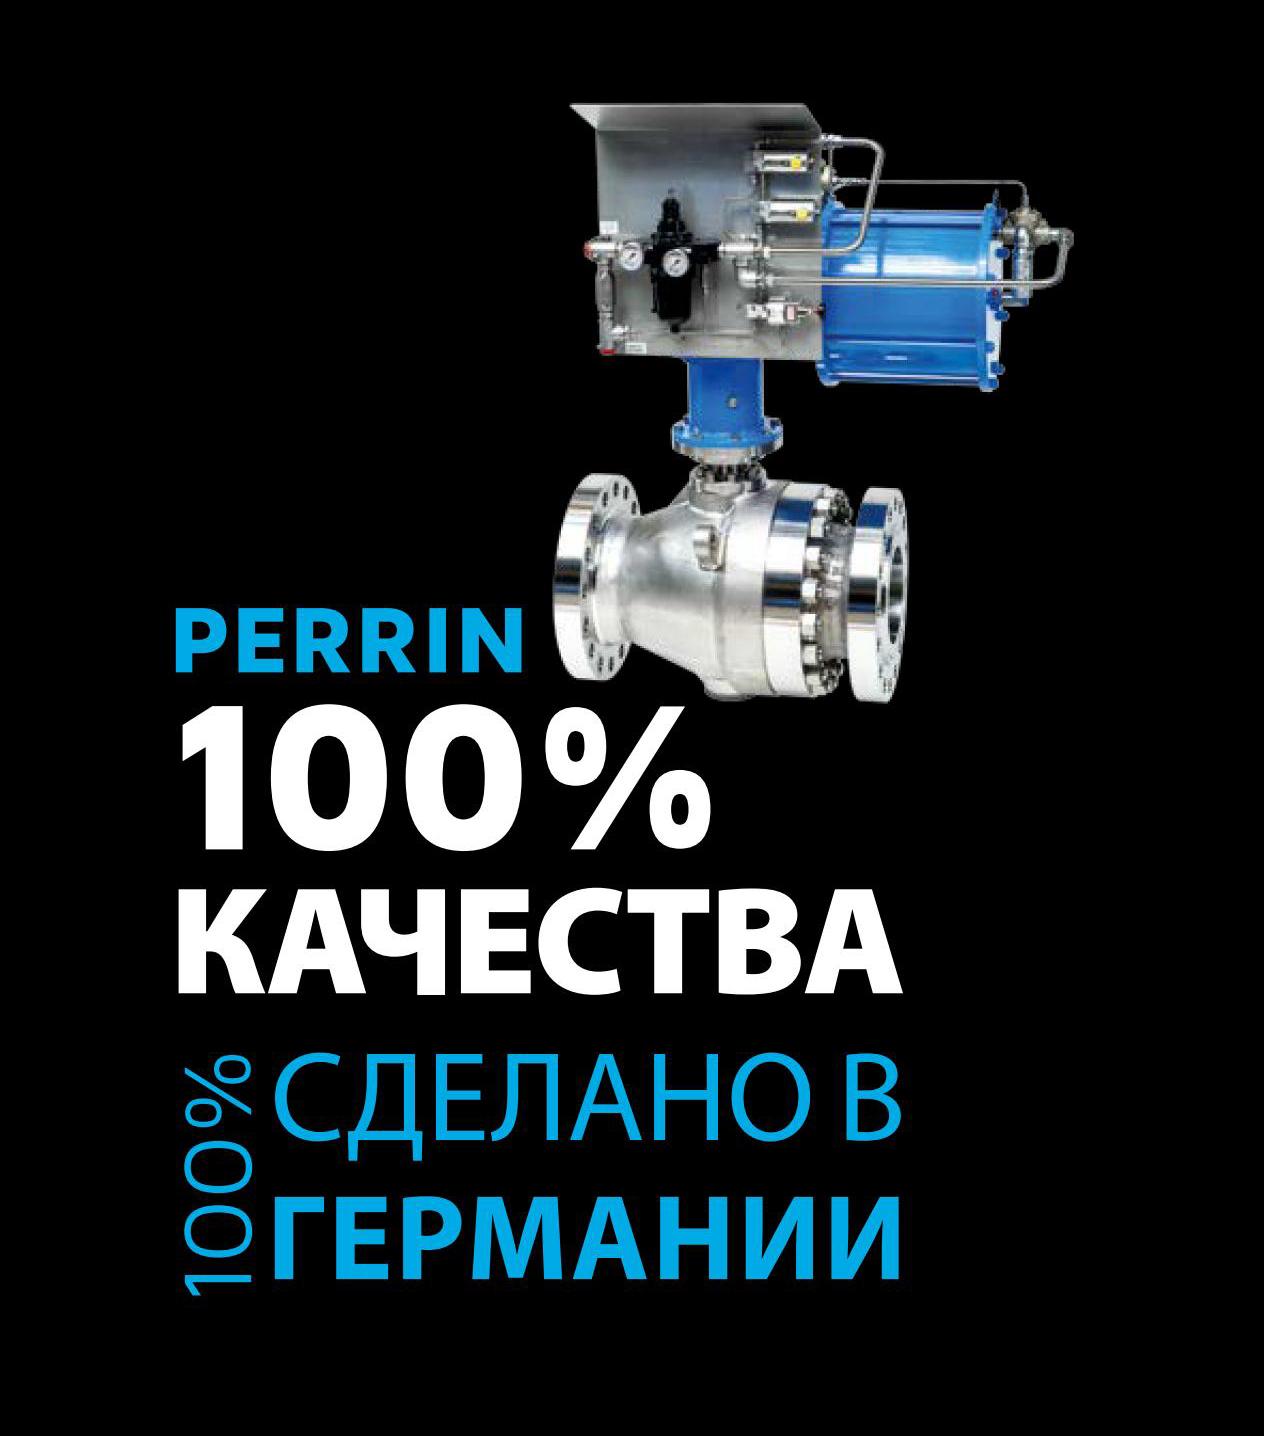 perrin_img